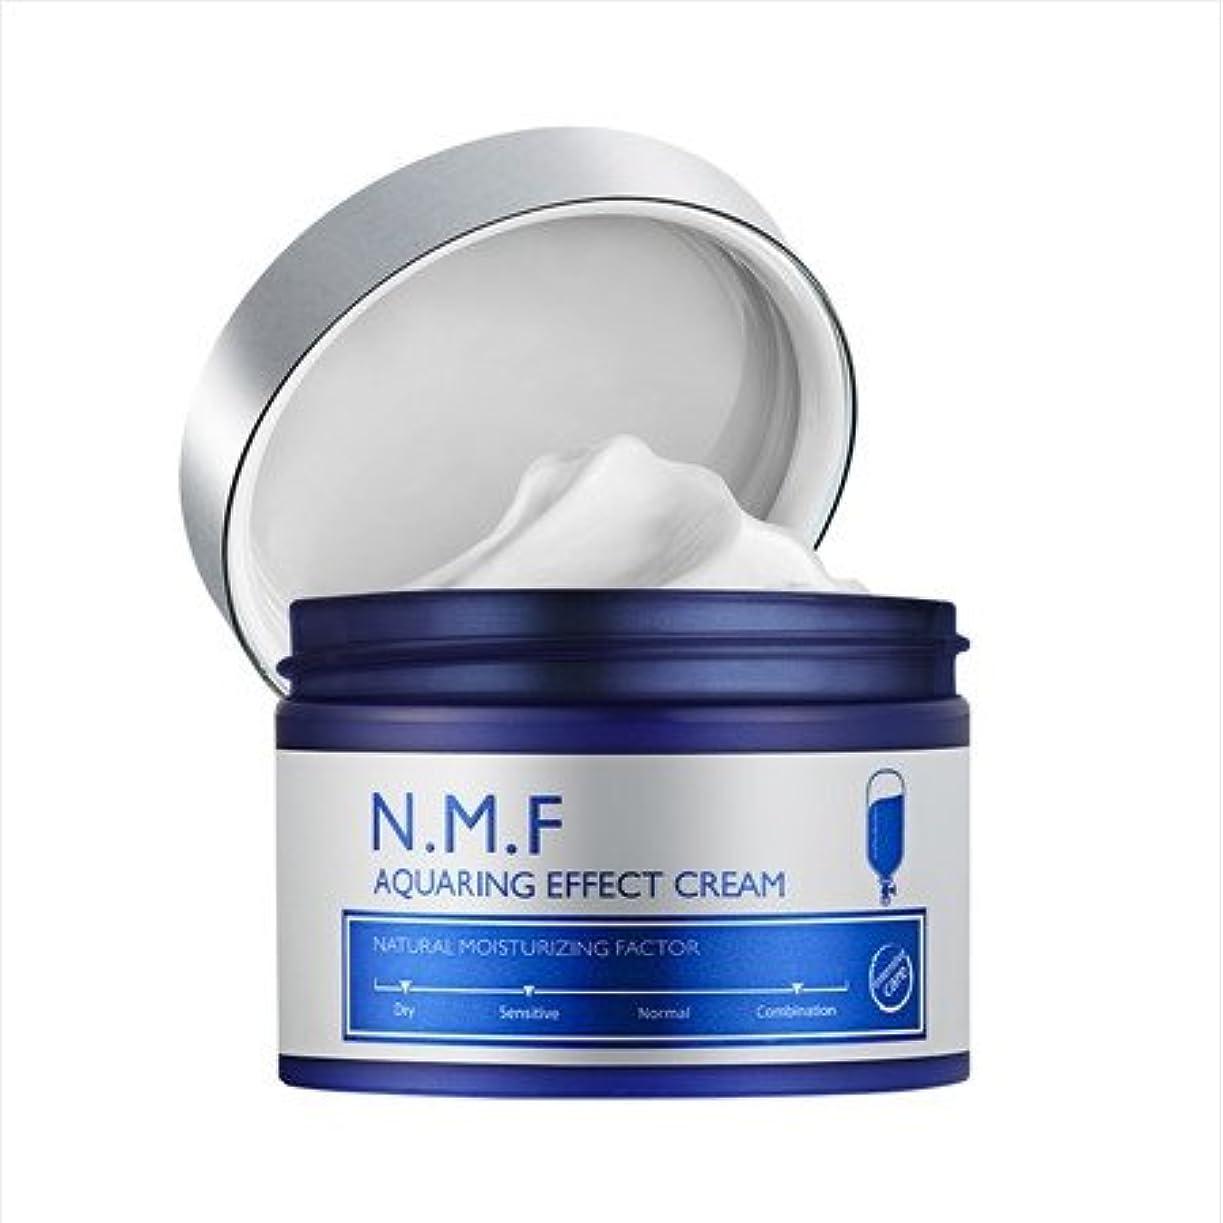 敵対的改善義務メディヒール Mediheal N.M.F クアリングエフェクトクリームNMF Aqua Ring Effect Cream 50ml [並行輸入品]